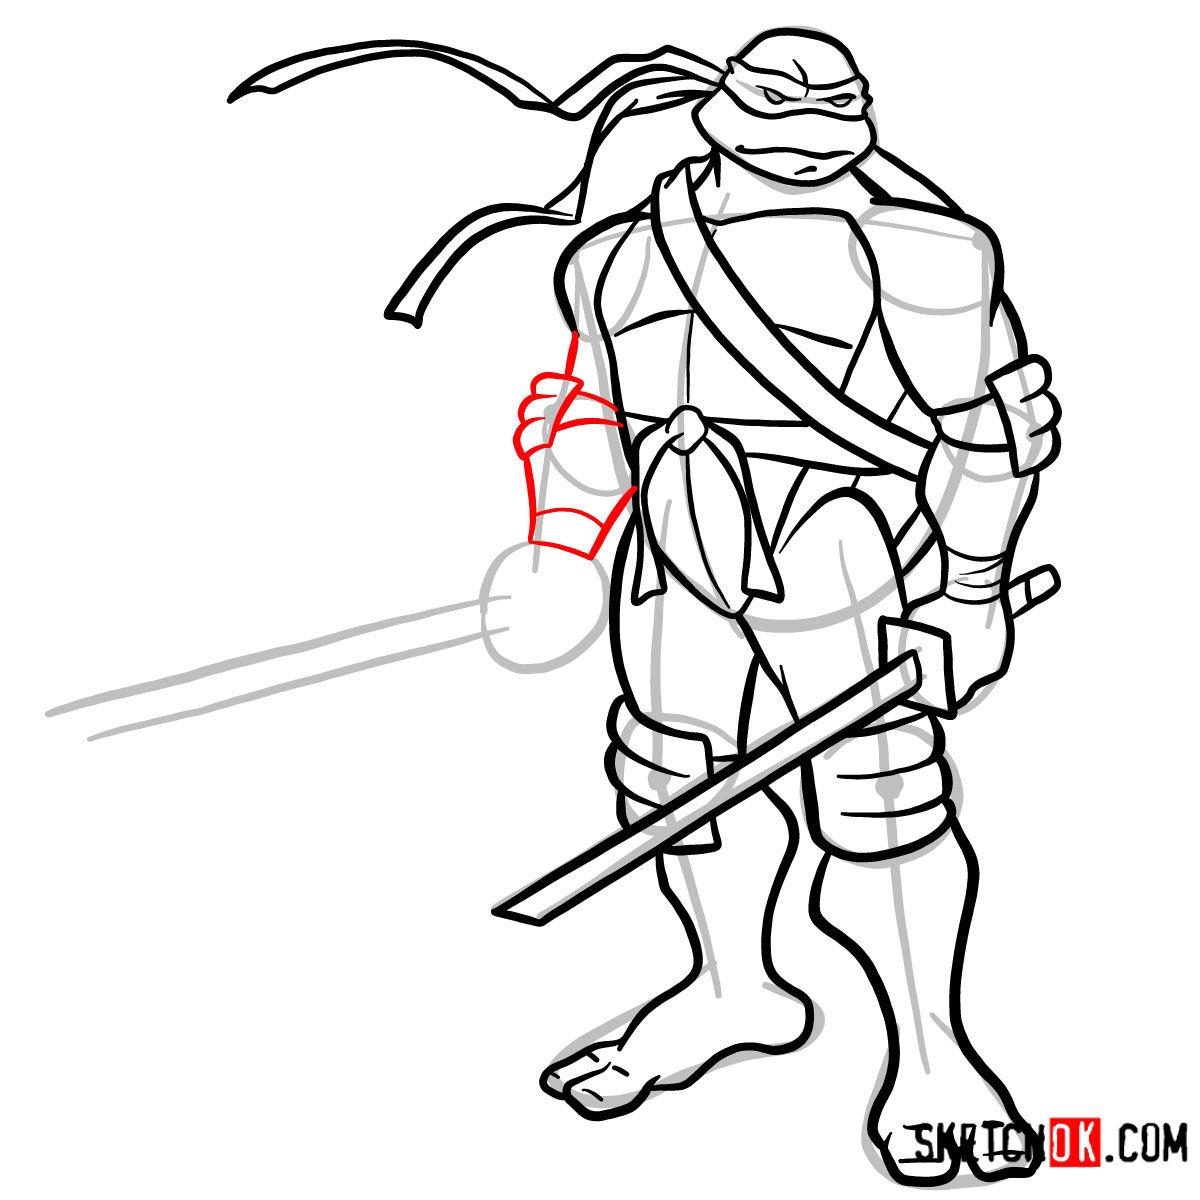 How to draw Leonardo with Ninjatos | TMNT - step 13